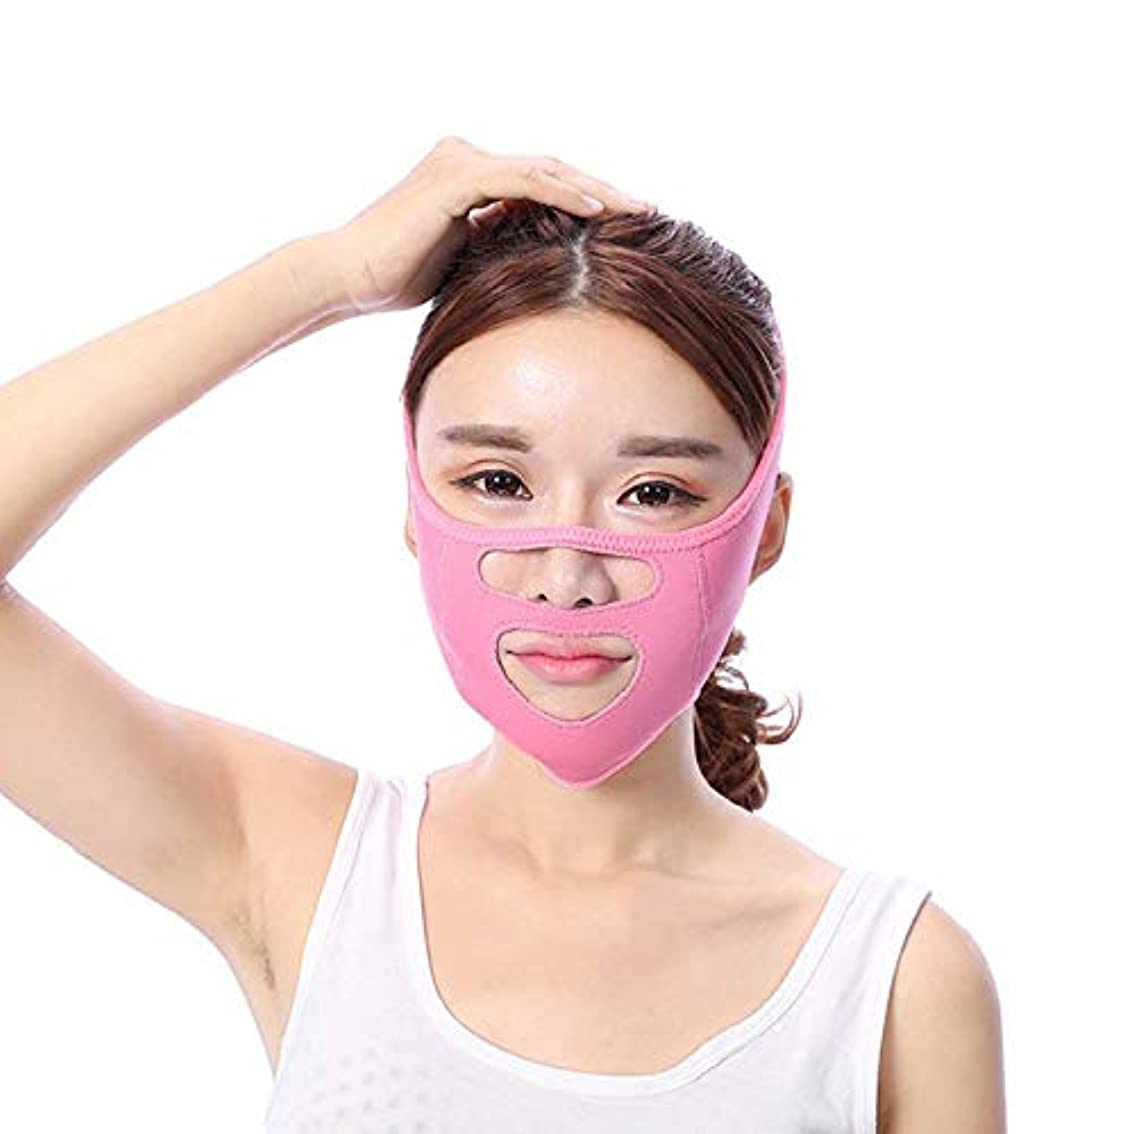 ひねくれたフランクワースリーフェミニンJia Jia- 顔の持ち上がる痩身ベルト - あなたの顔のための素晴らしいトレーニング二重あごのワークアウトフェイスマスクベルト薄い顔包帯整形マスクは顔と首を締めますフェイススリム 顔面包帯